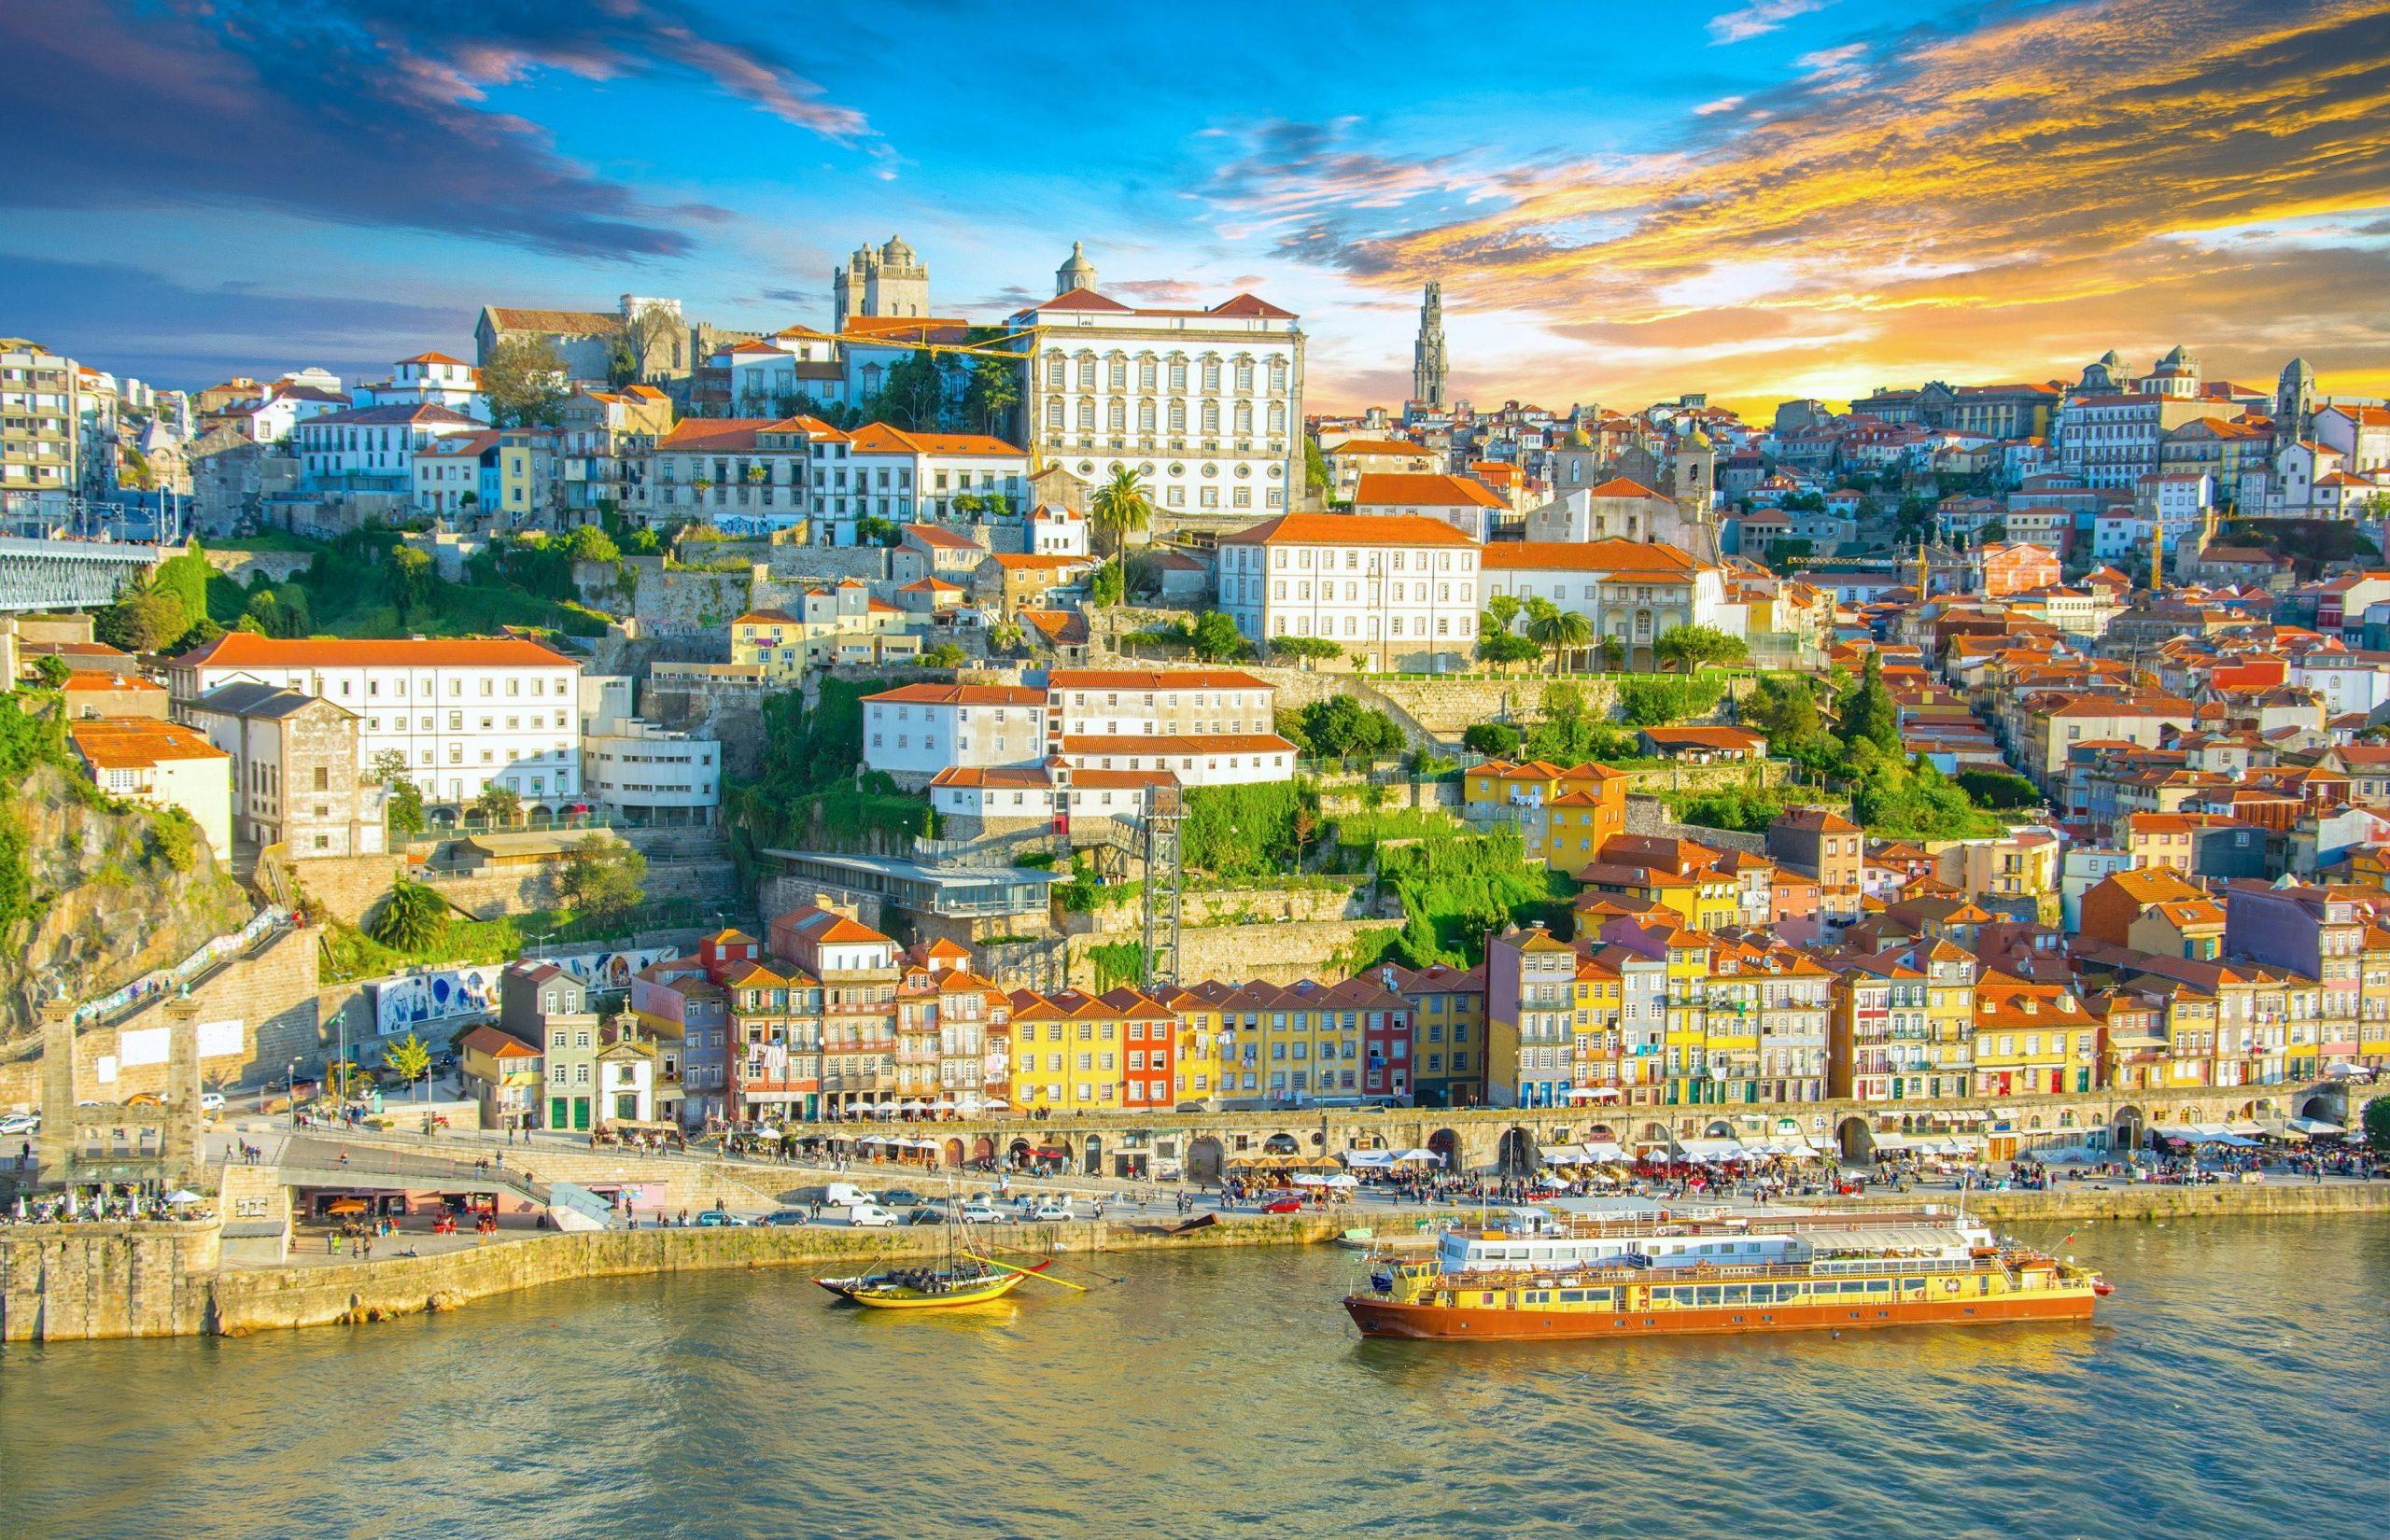 Porto, sladke radosti življenja 5 dni